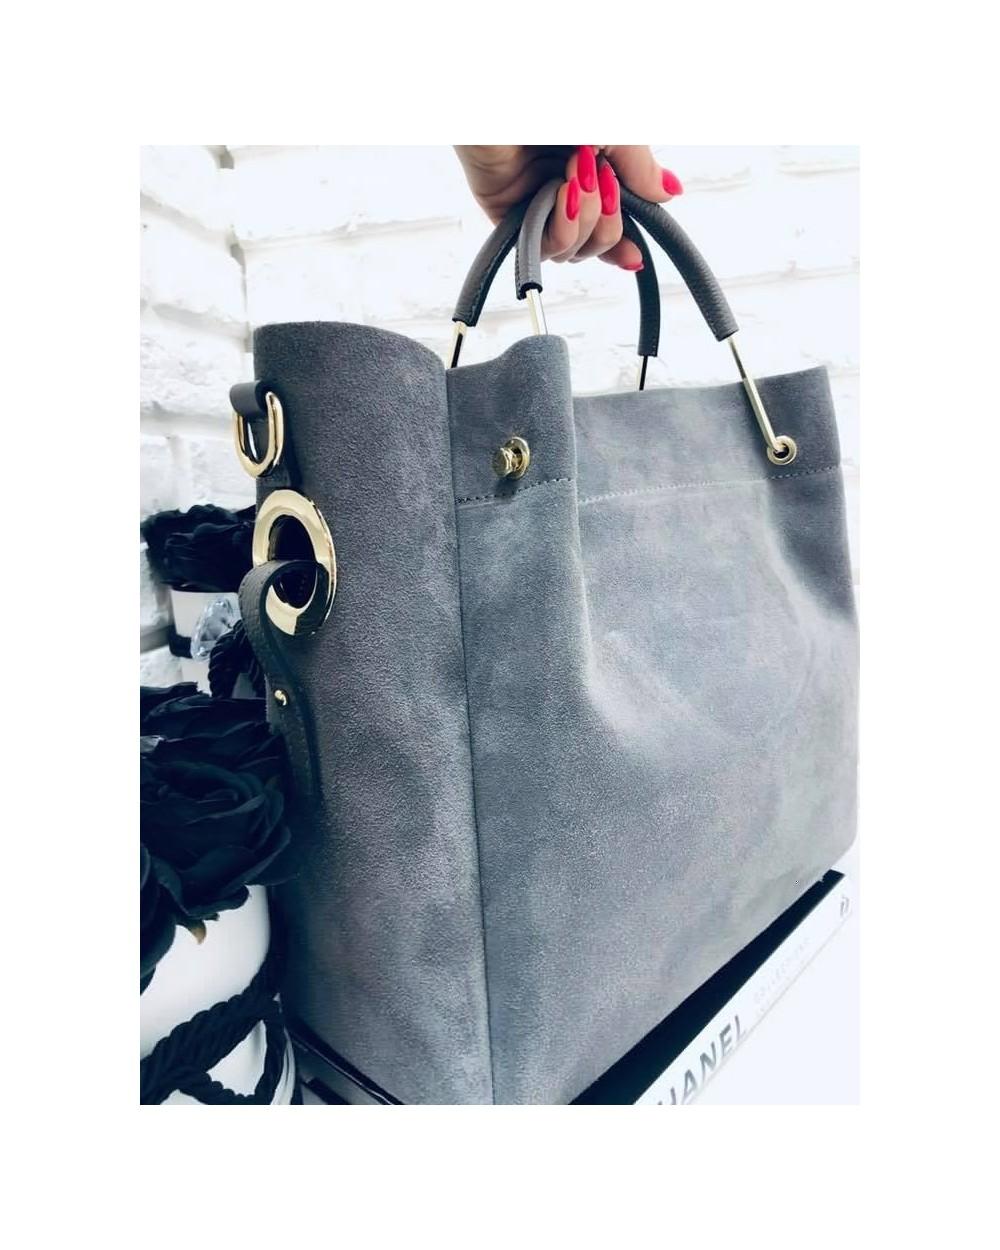 32a1fce83c1e5 Włoska torebka zamszowa duży kuferek z frędzelkiem a'la LV szary ...